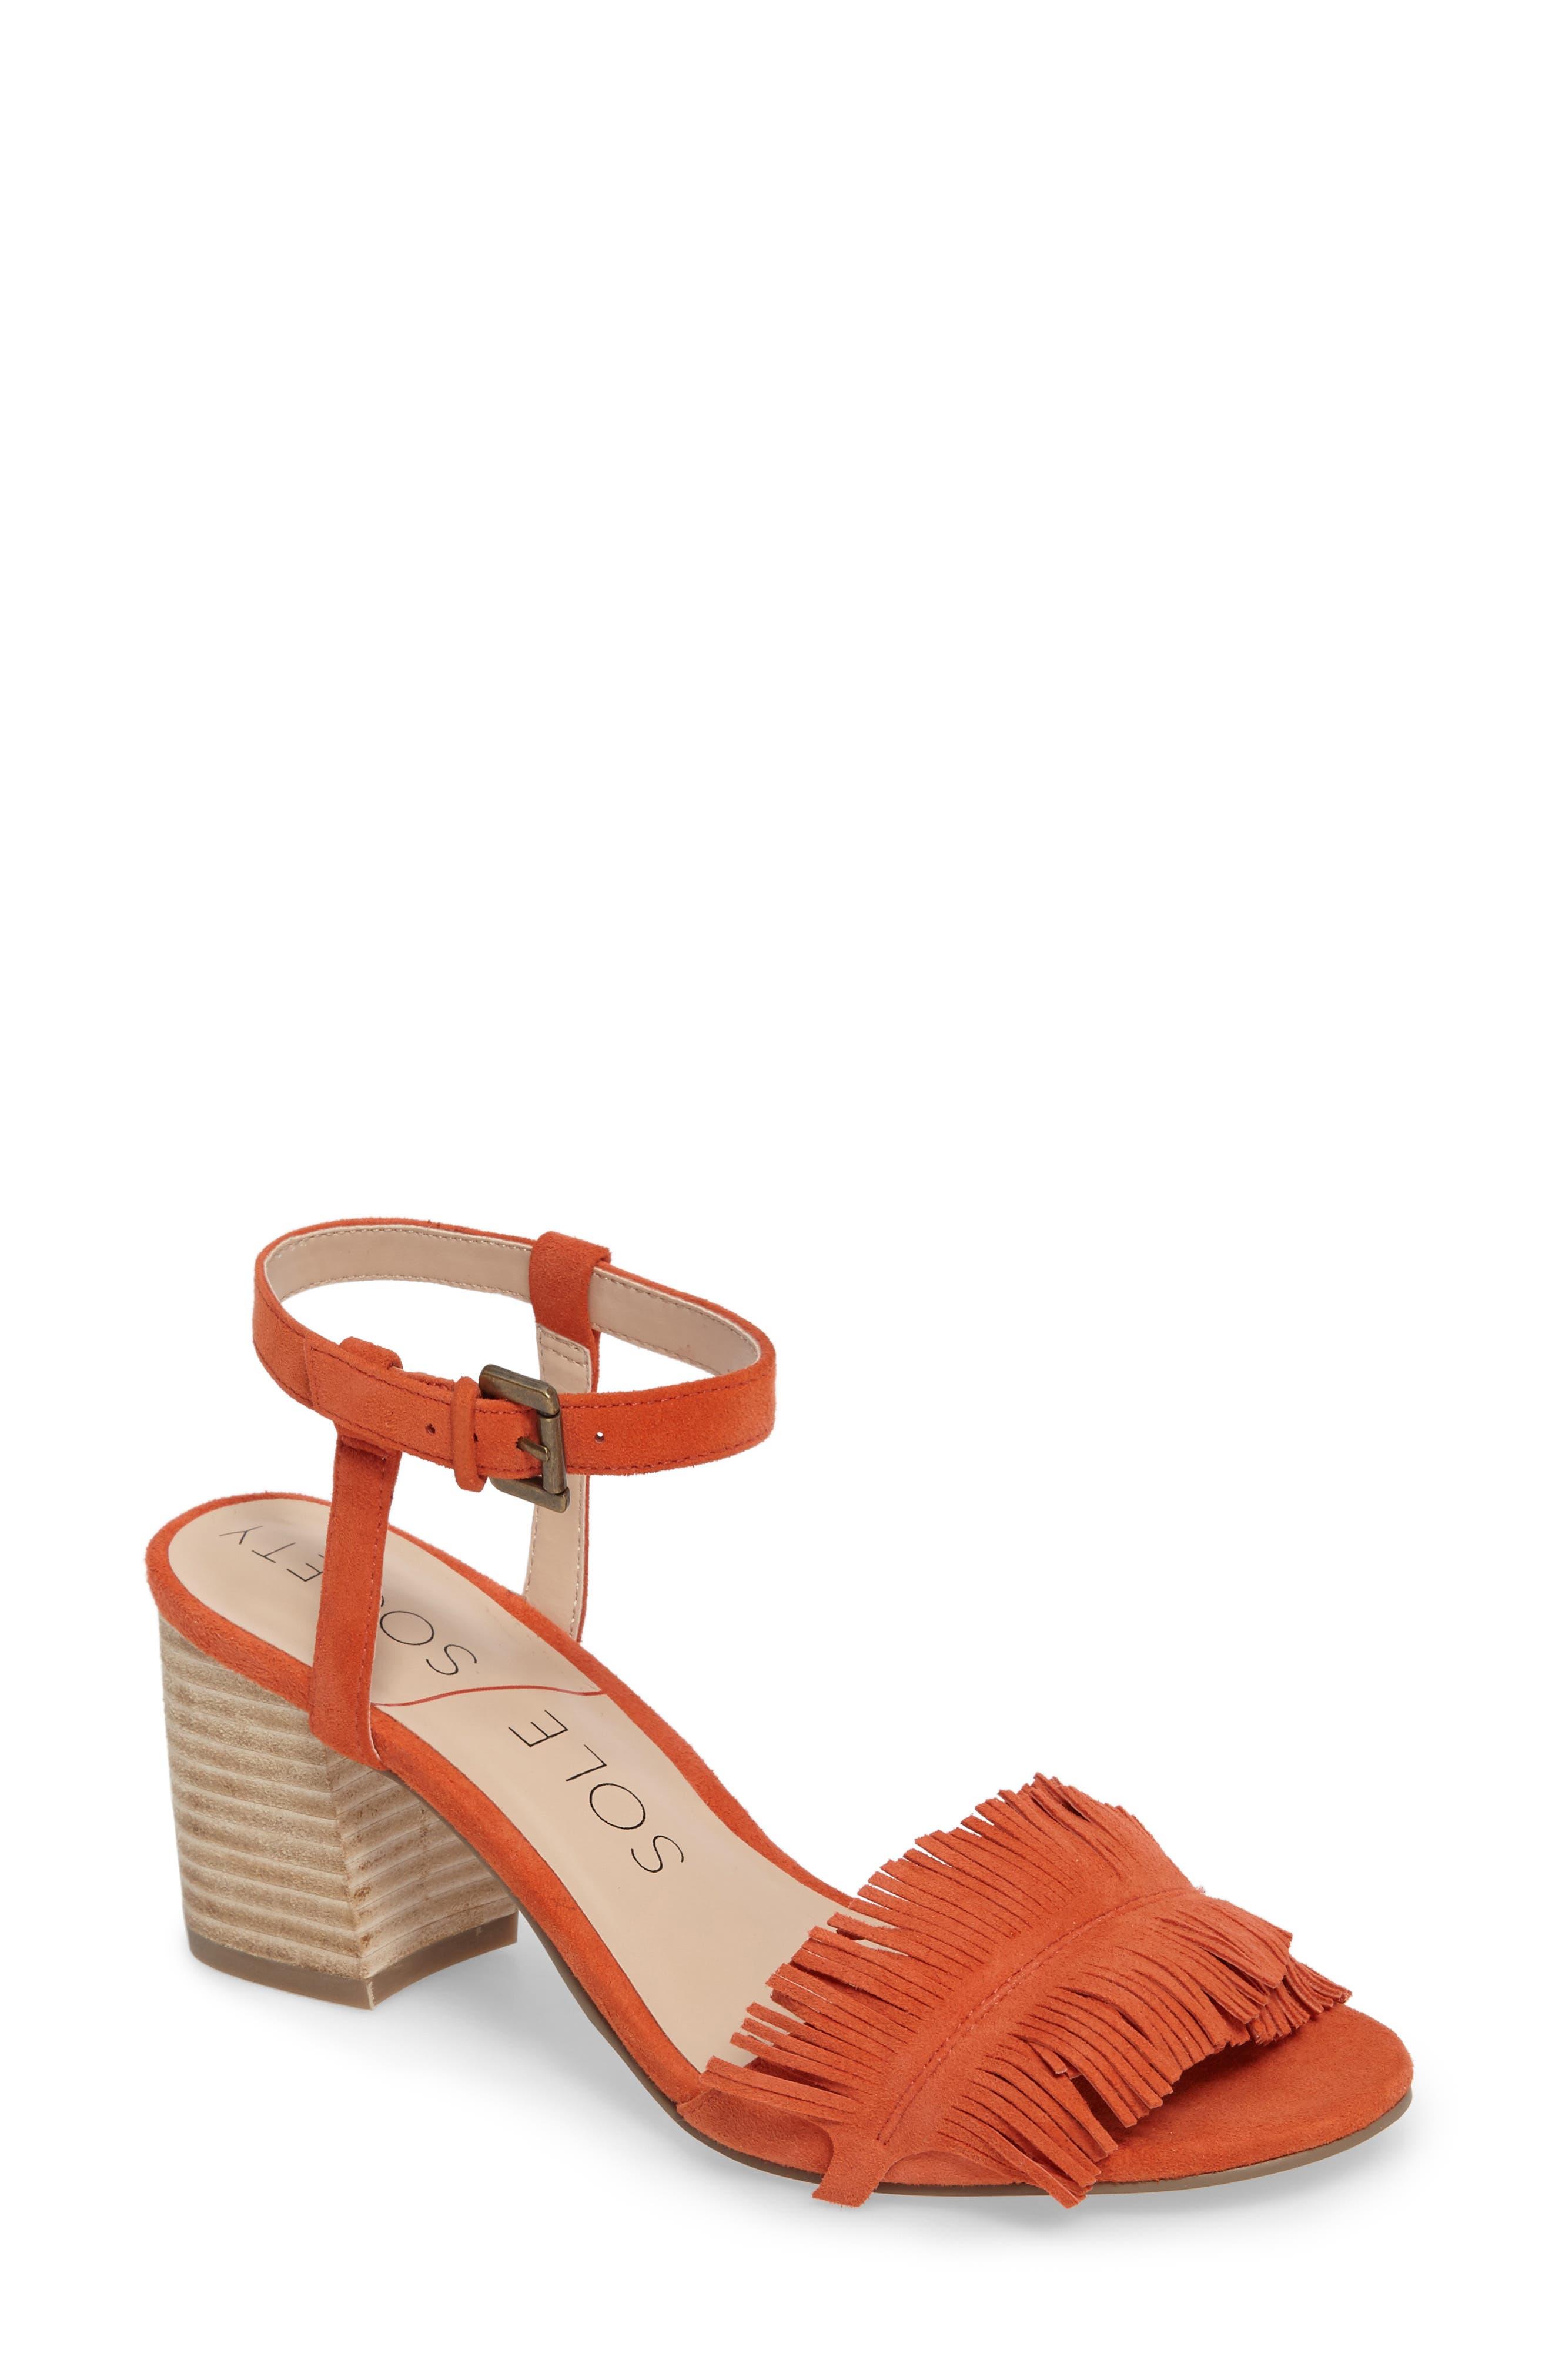 Main Image - Sole Society Sepia Fringe Sandal (Women)